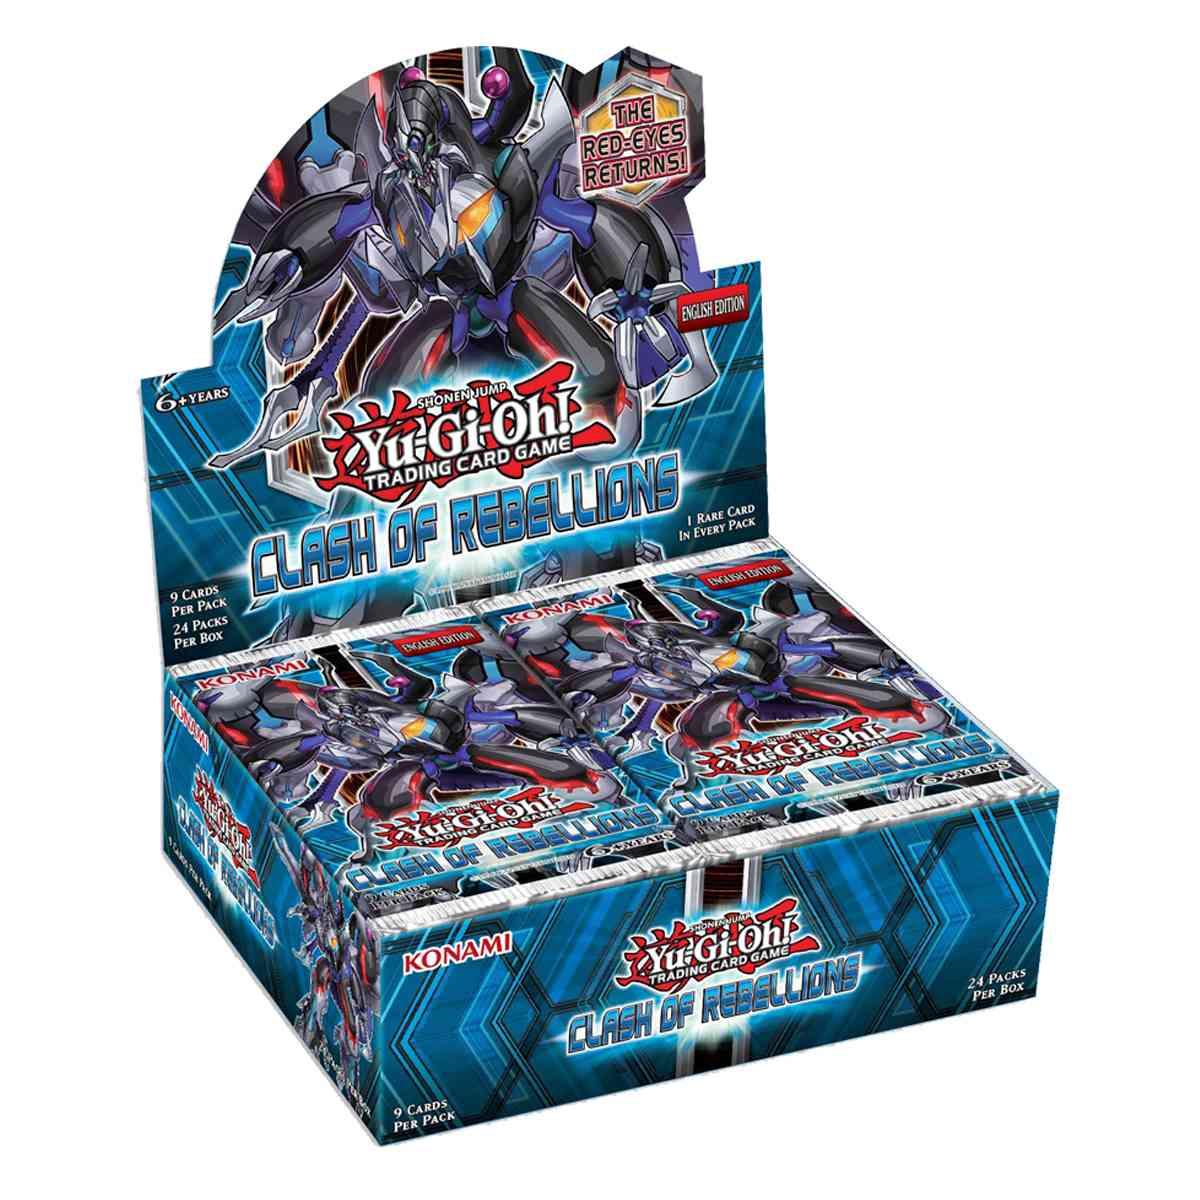 Yugioh Box Conflito de Rebeliões